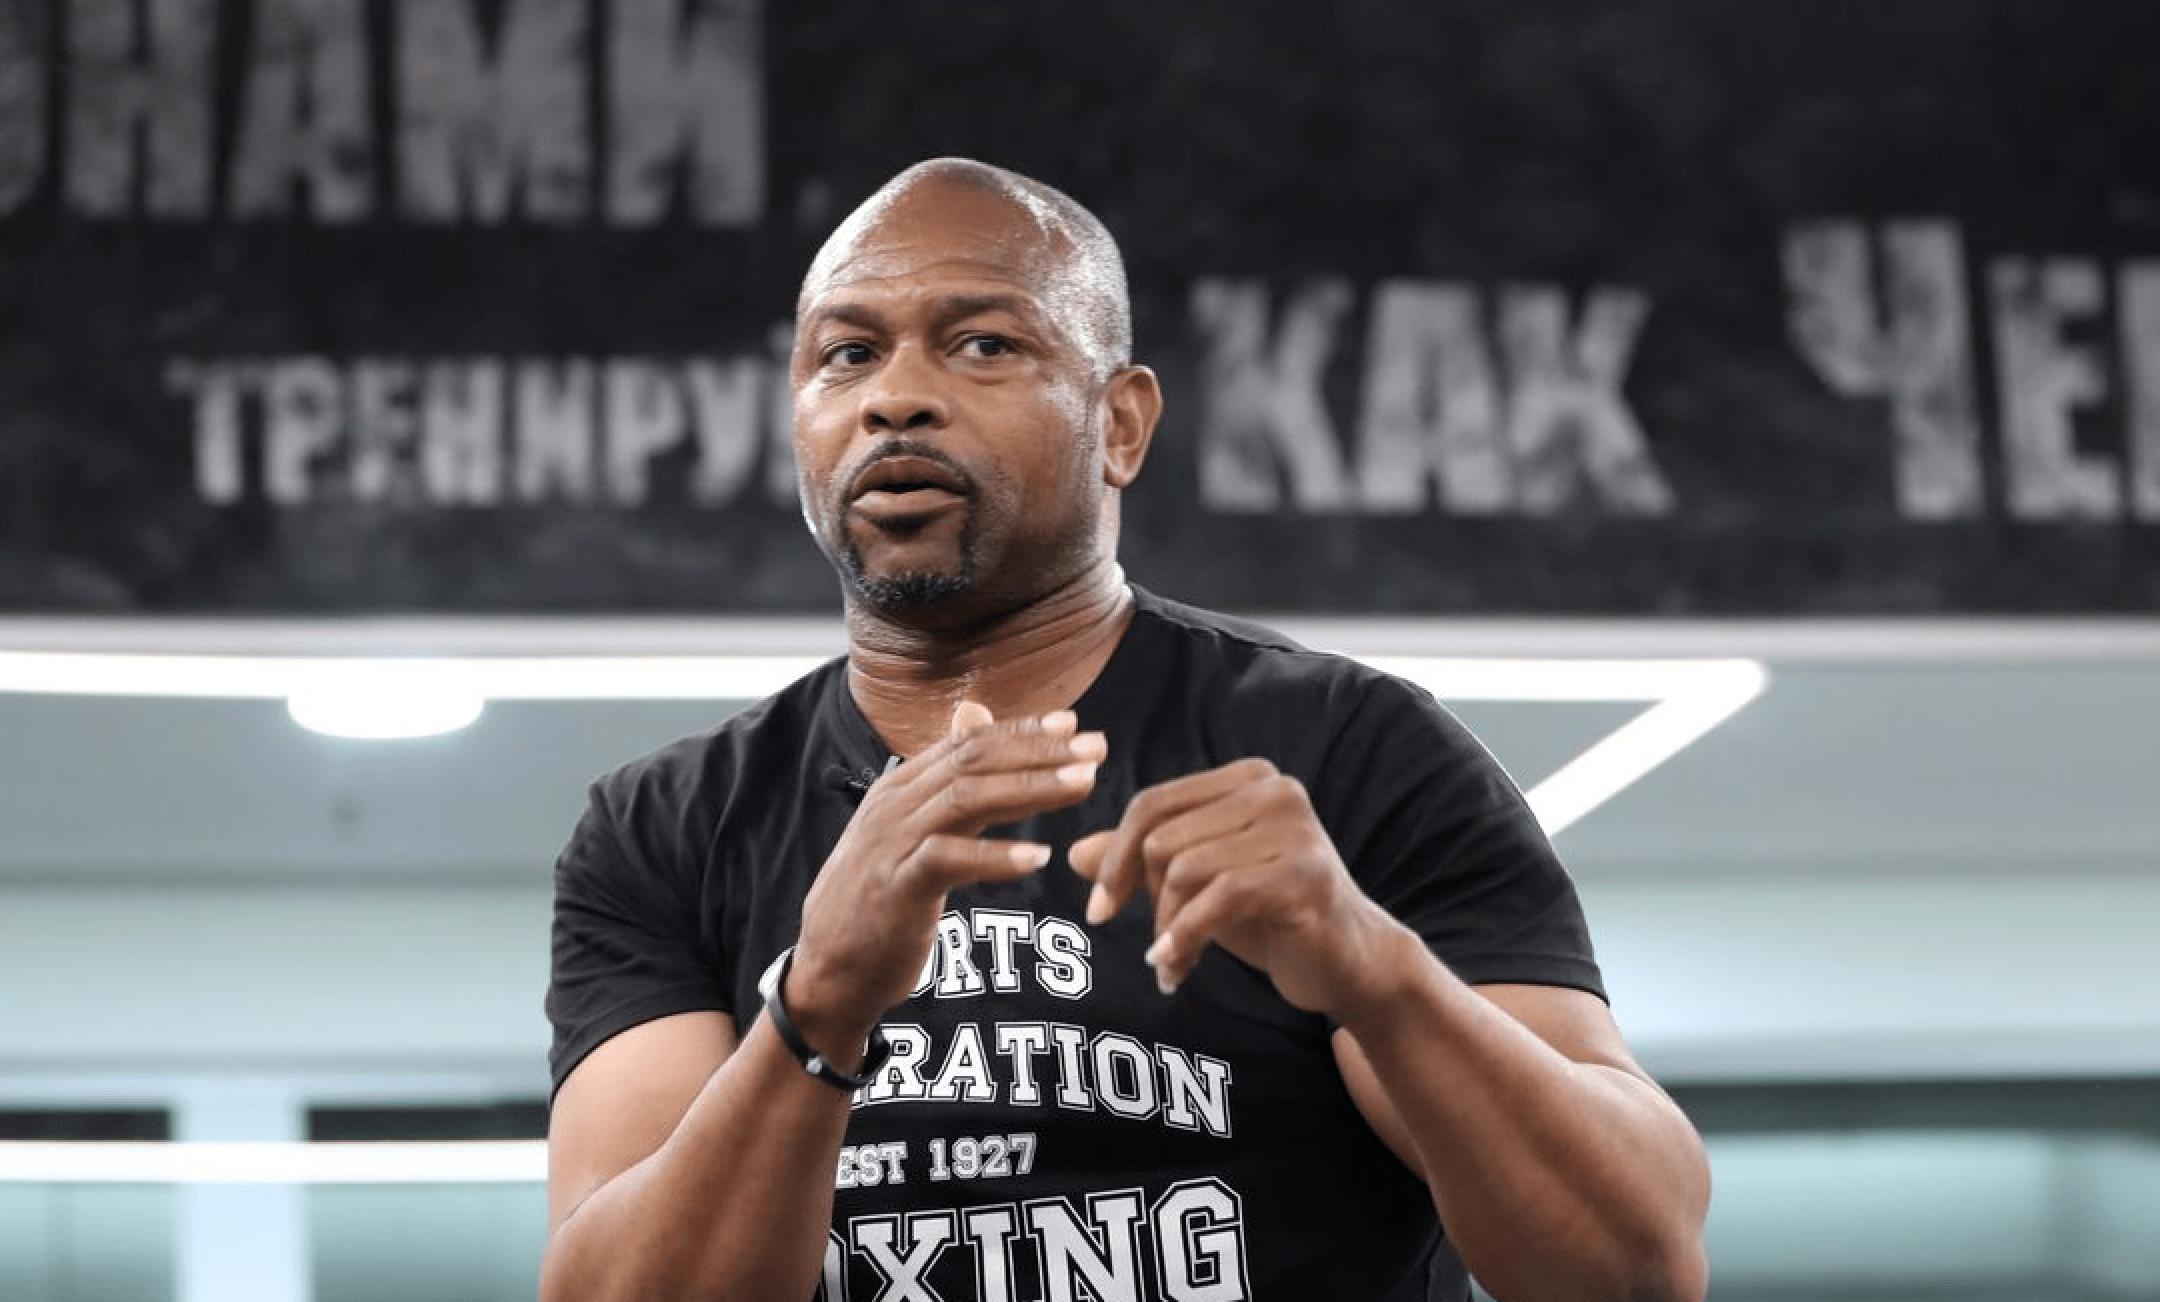 Roy Jones Jr Won't Fight Mike Tyson Unless He Gets A Better Deal